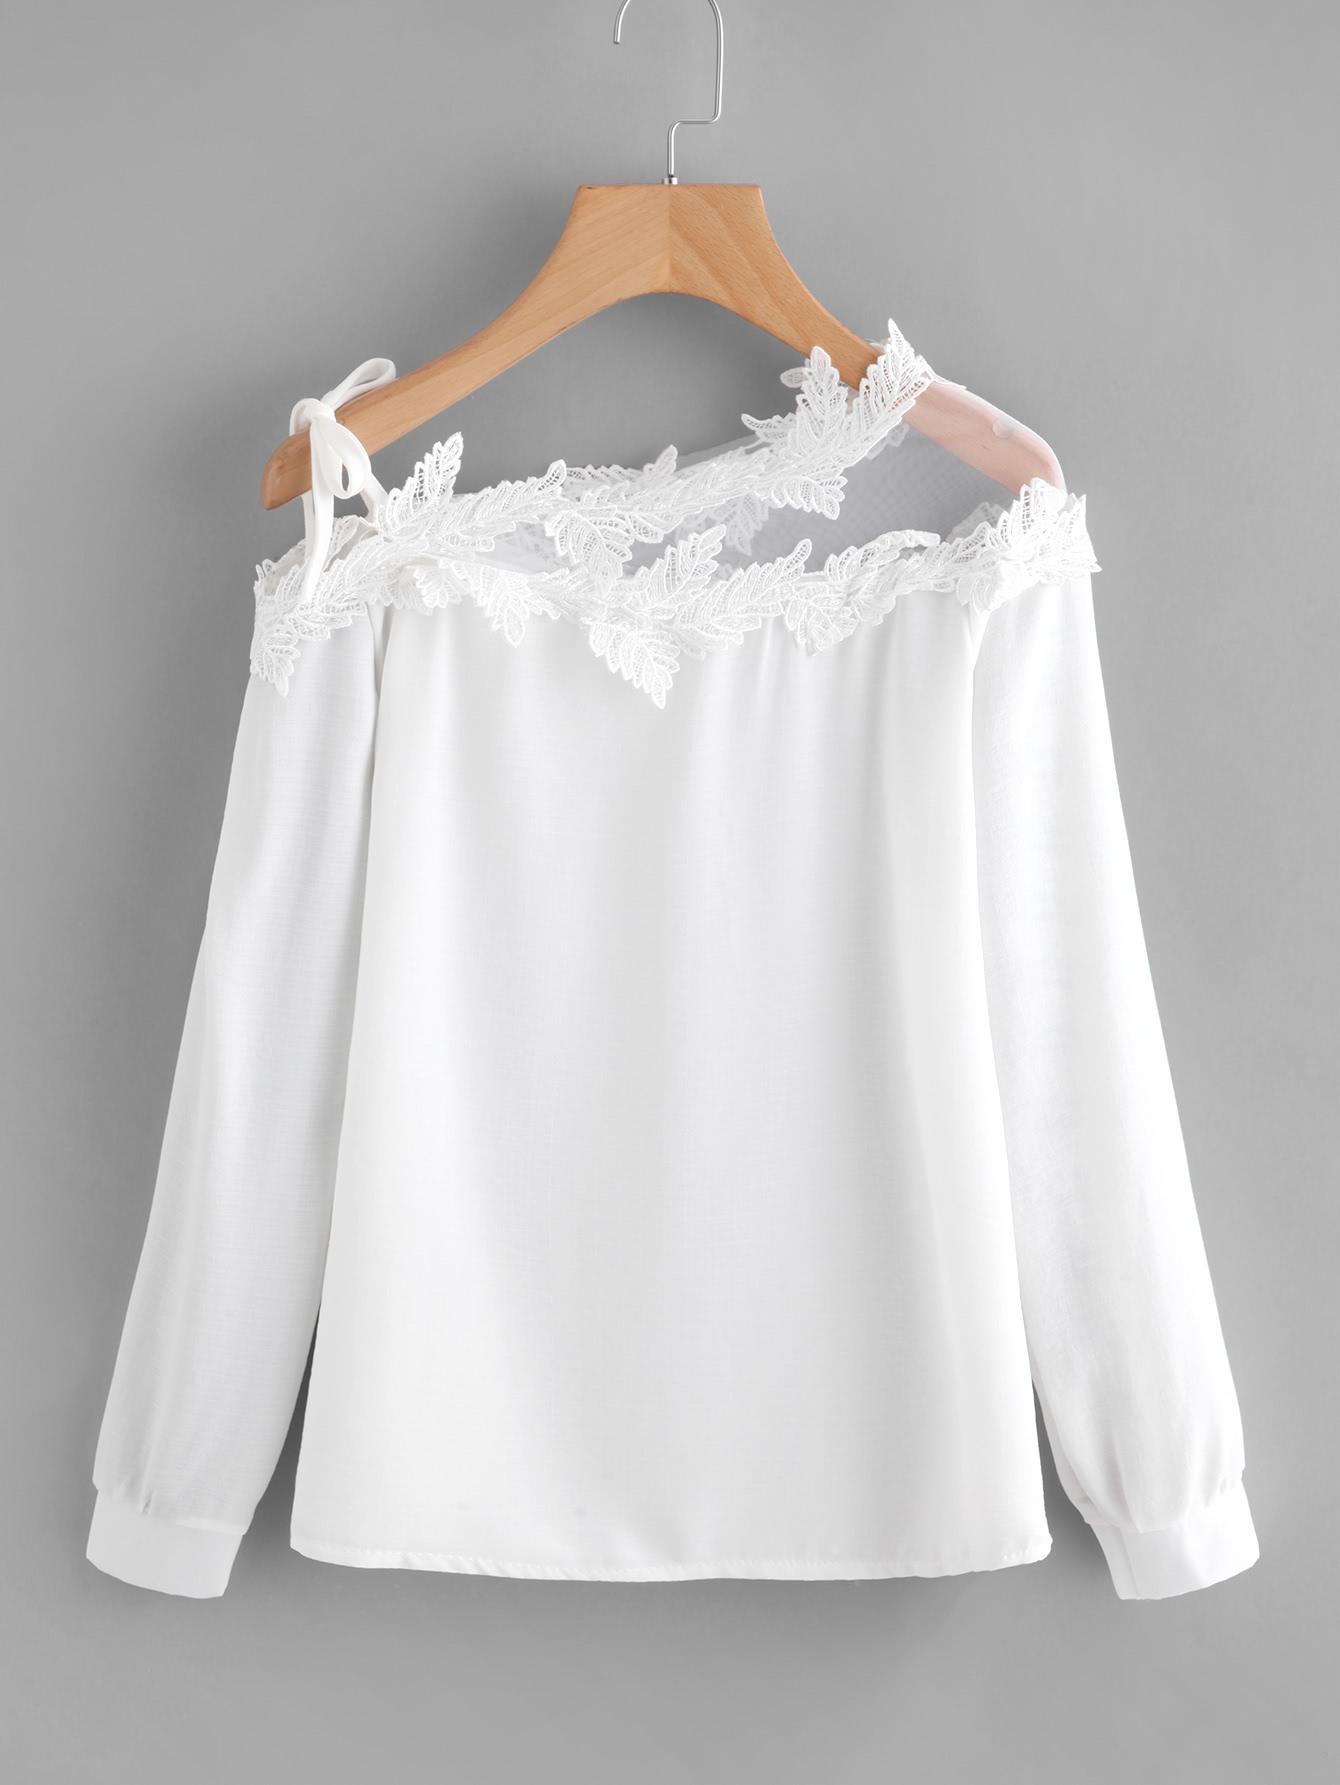 Mesh Panel Crochet Appliques Asymmetric Cold Shoulder Blouse white cold shoulder asymmetricalâblouse